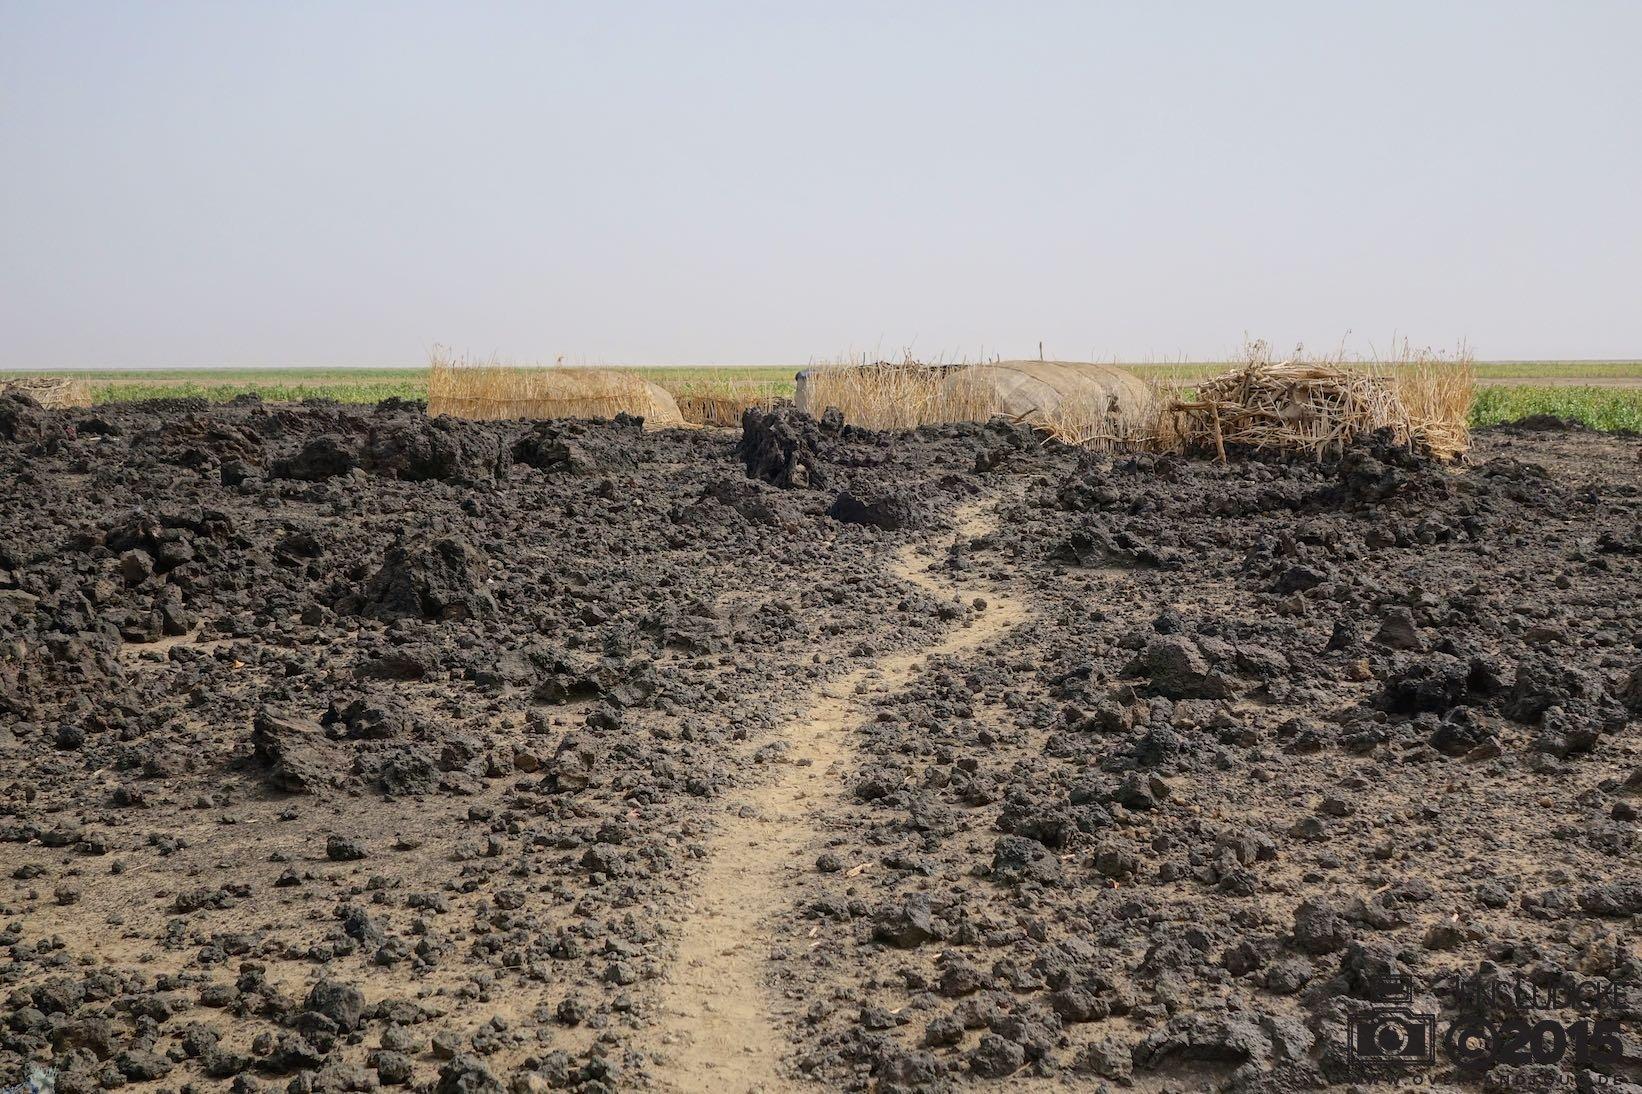 Erta Ale – Der brodelnde Vulkan - Äthiopien